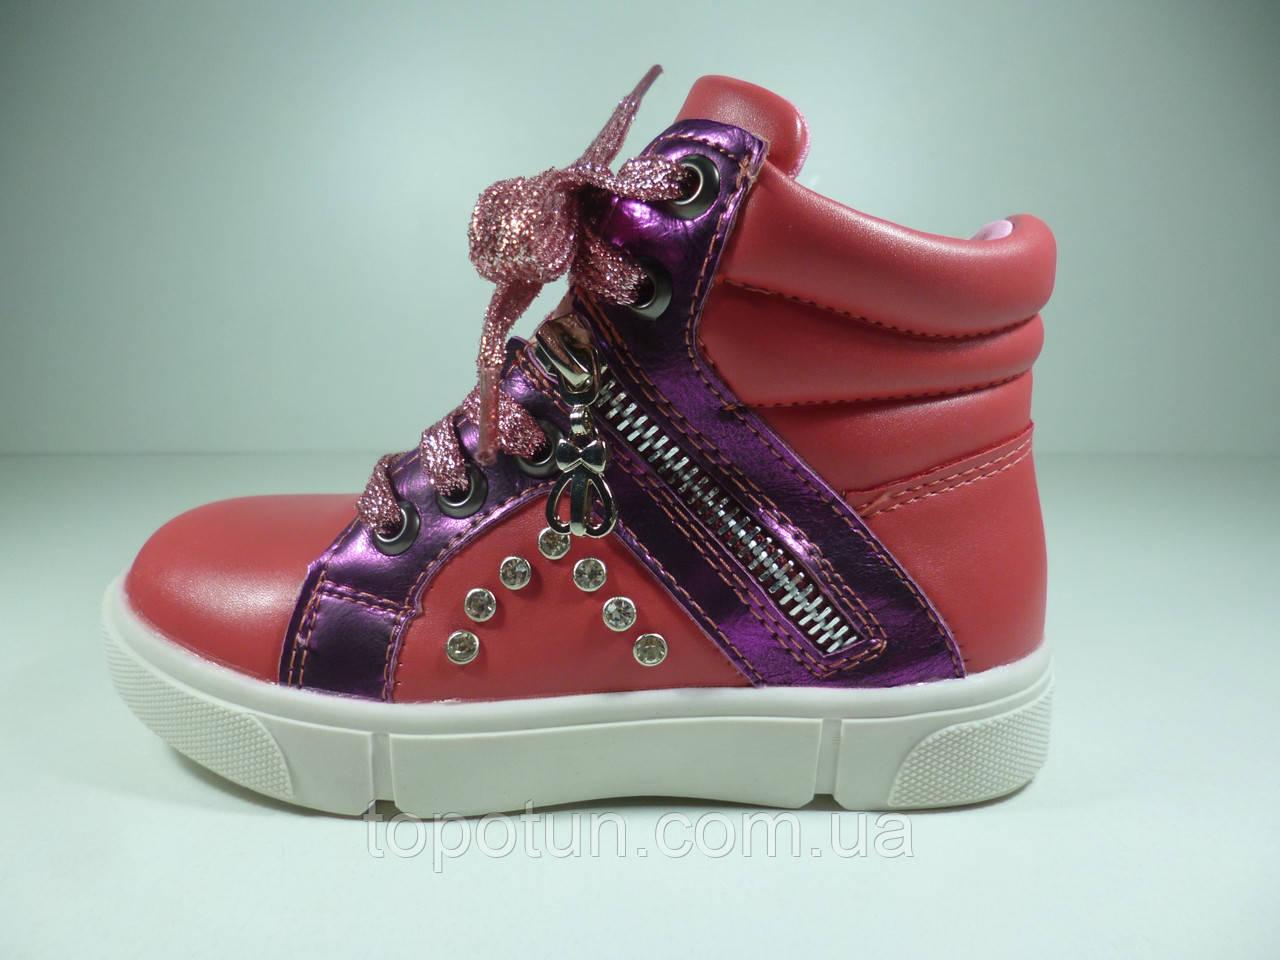 """Ботинки для девочки """"Y.TOP"""" Размер: 27,28,30"""